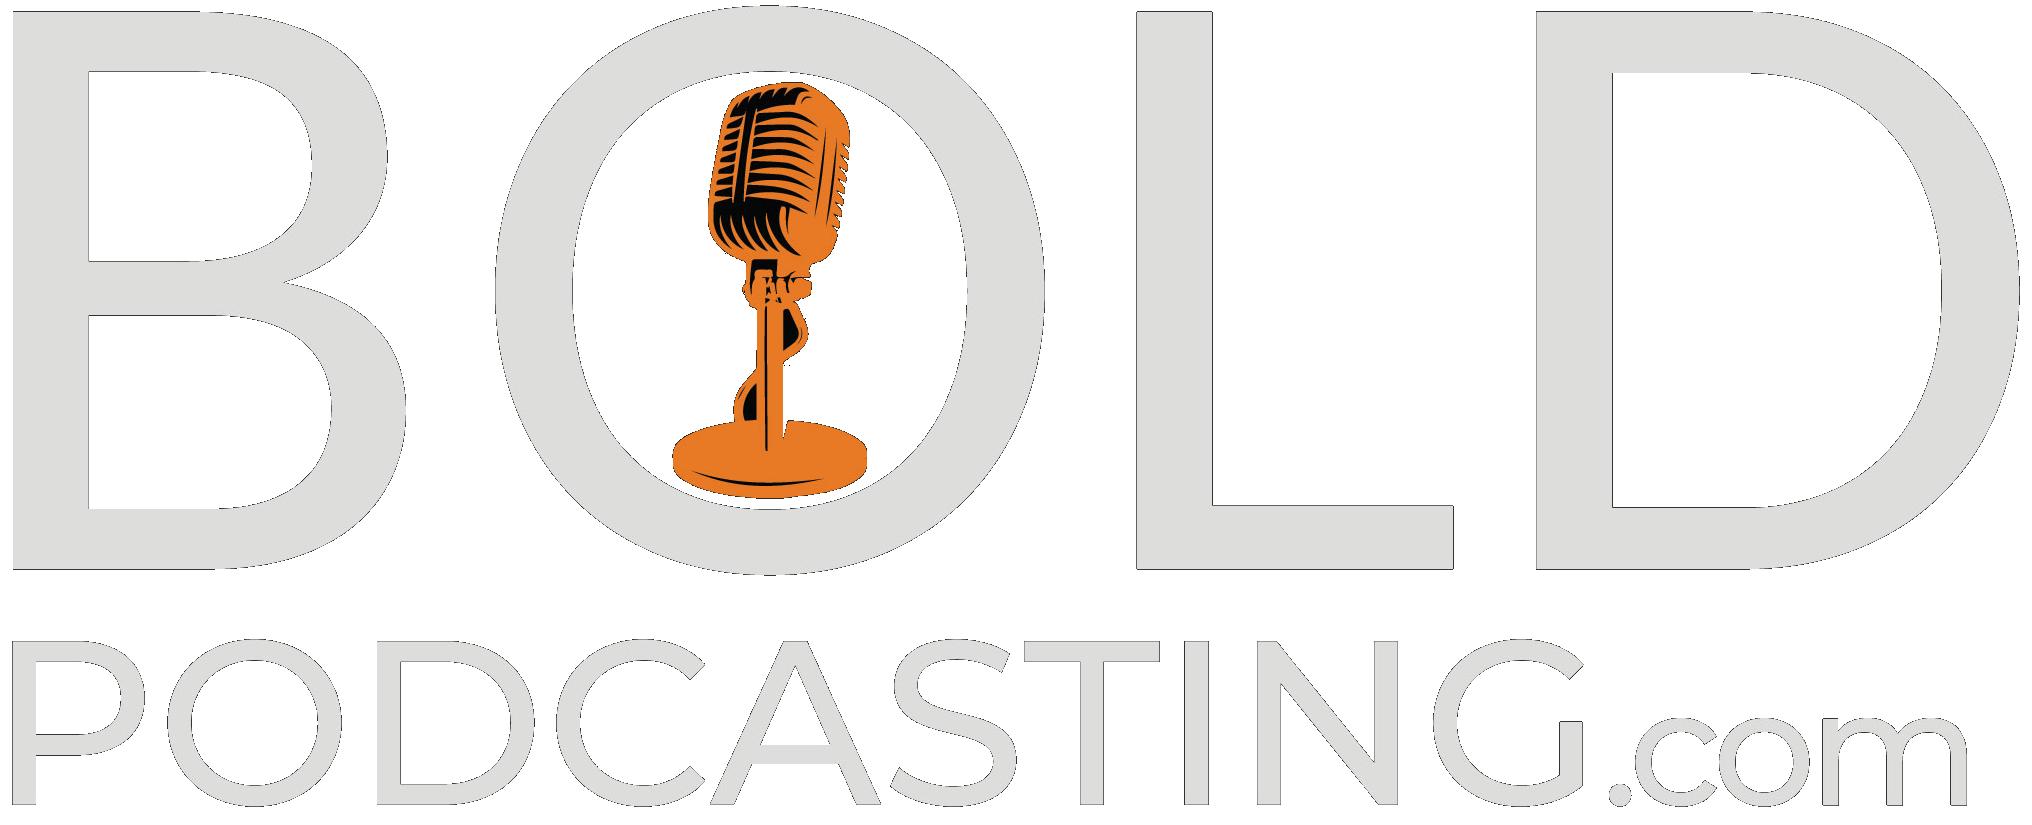 Bold Podcasting Color Logo Black background